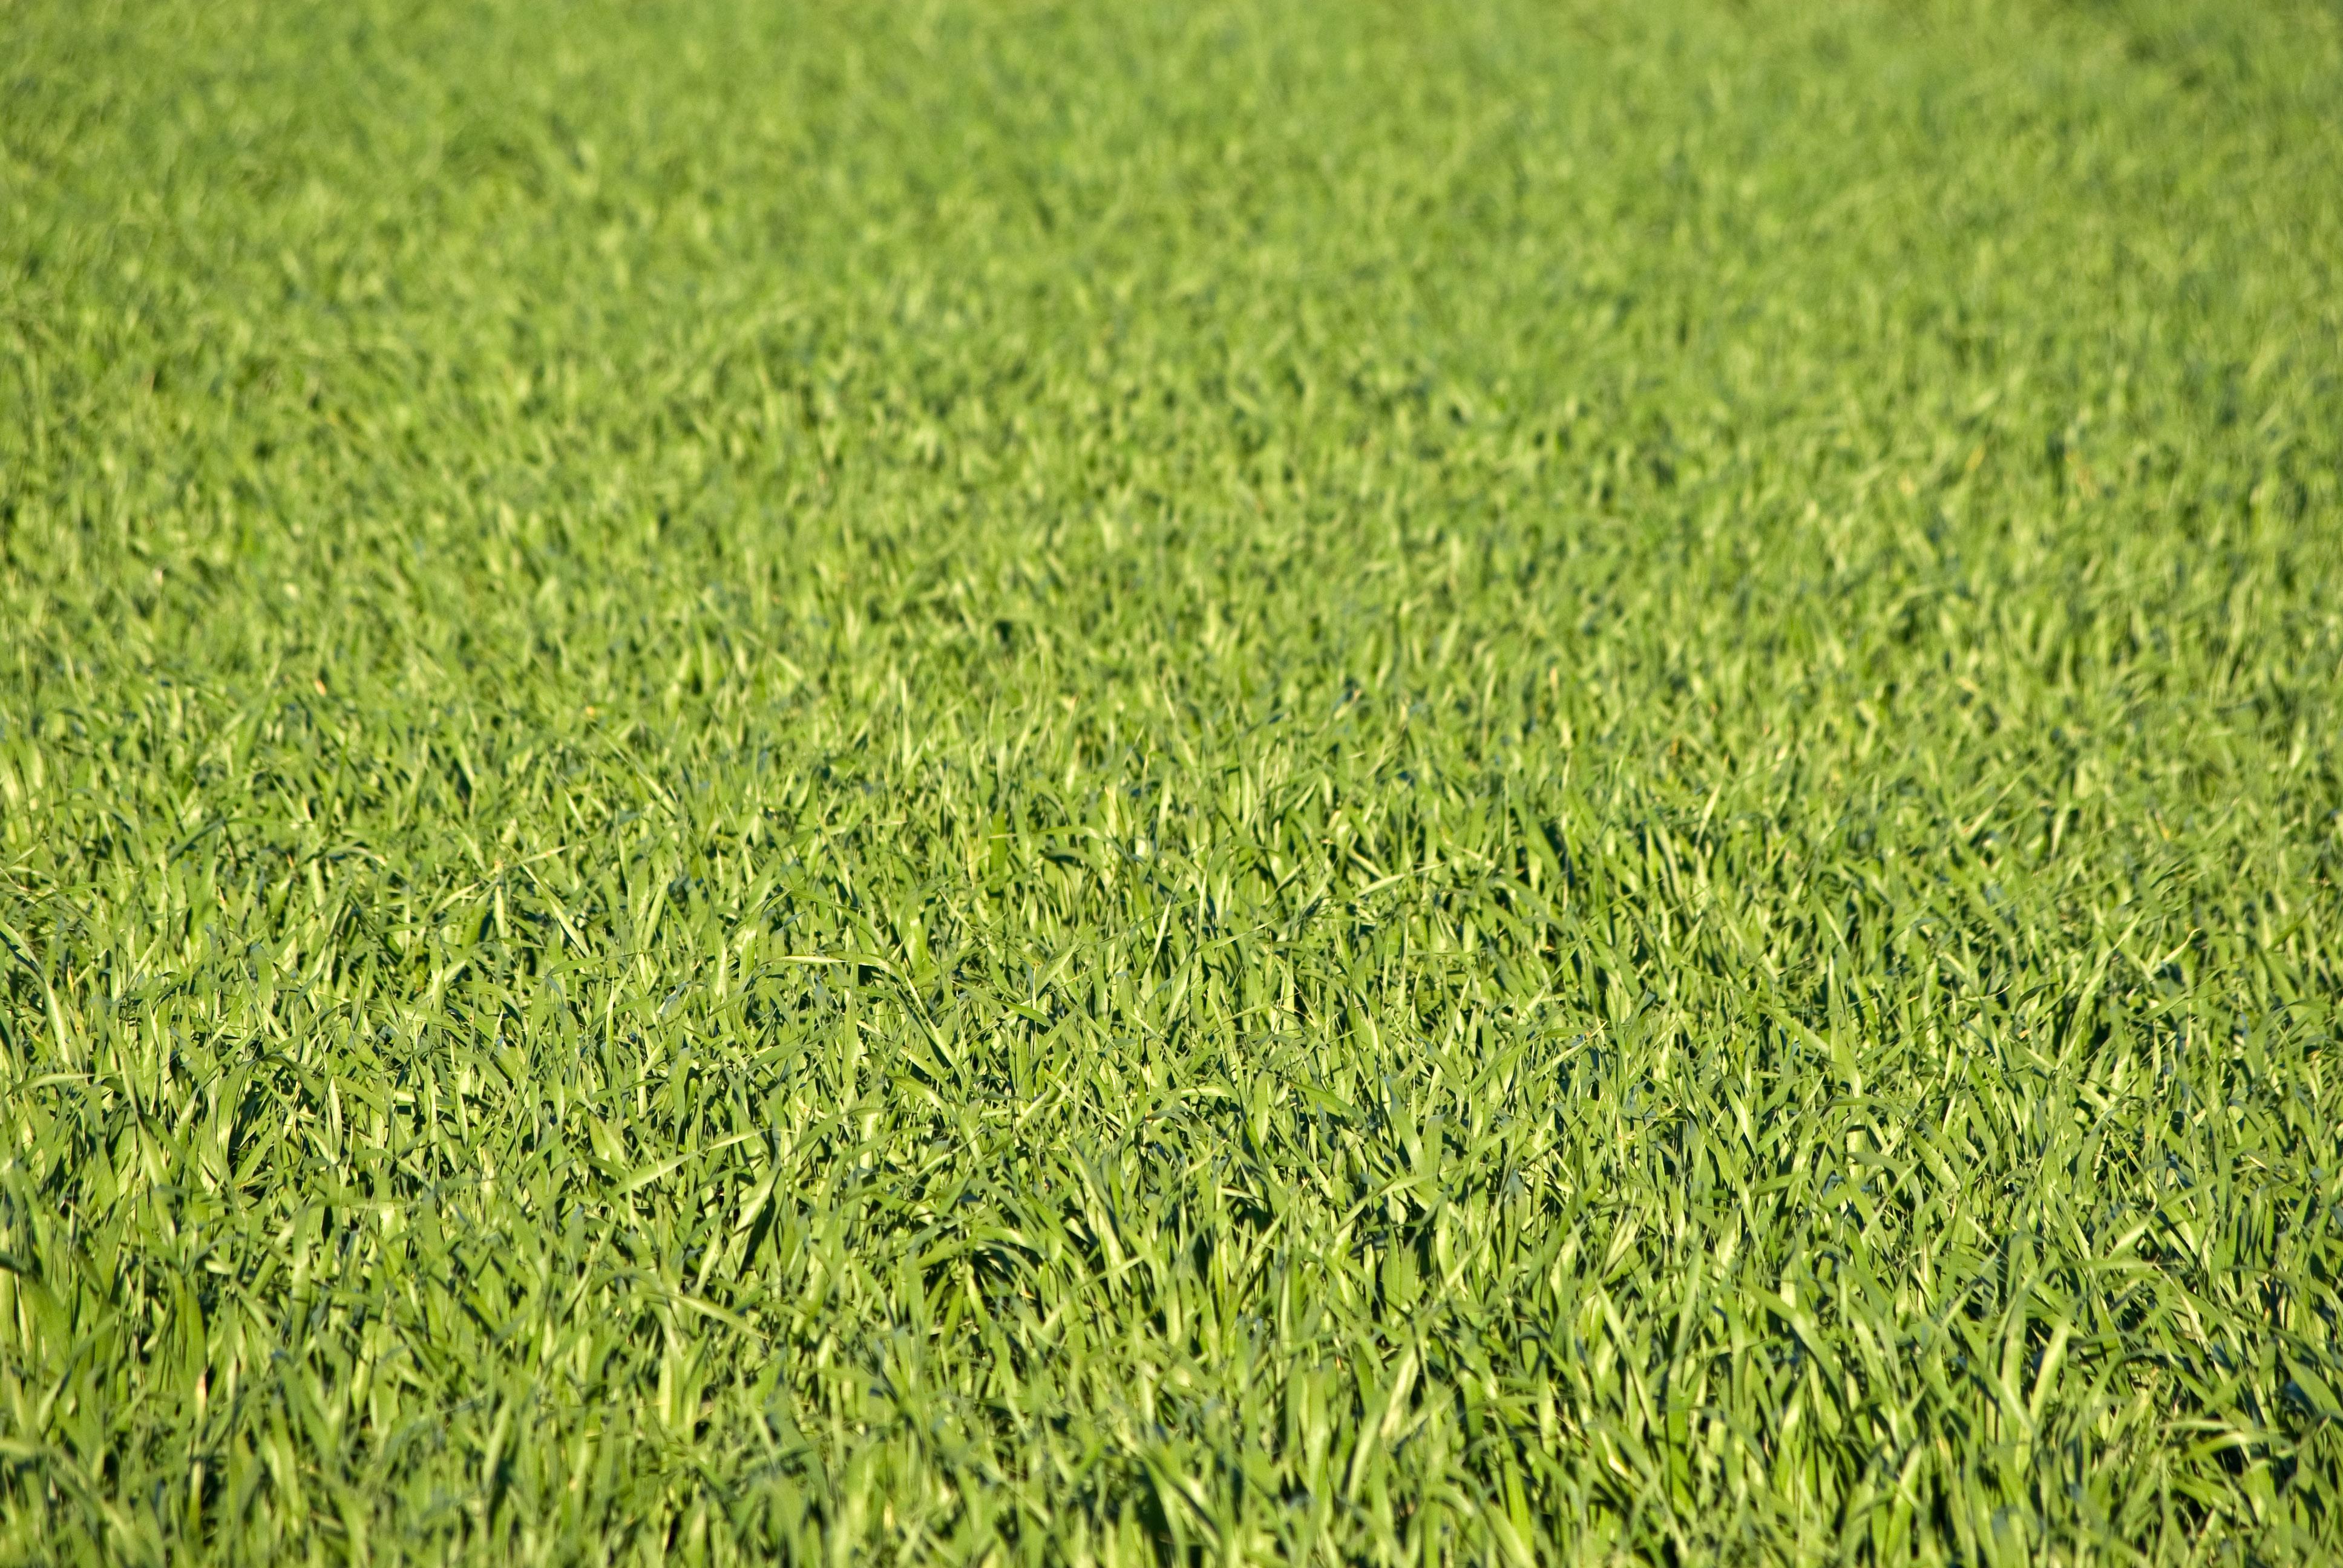 lush green grass texture